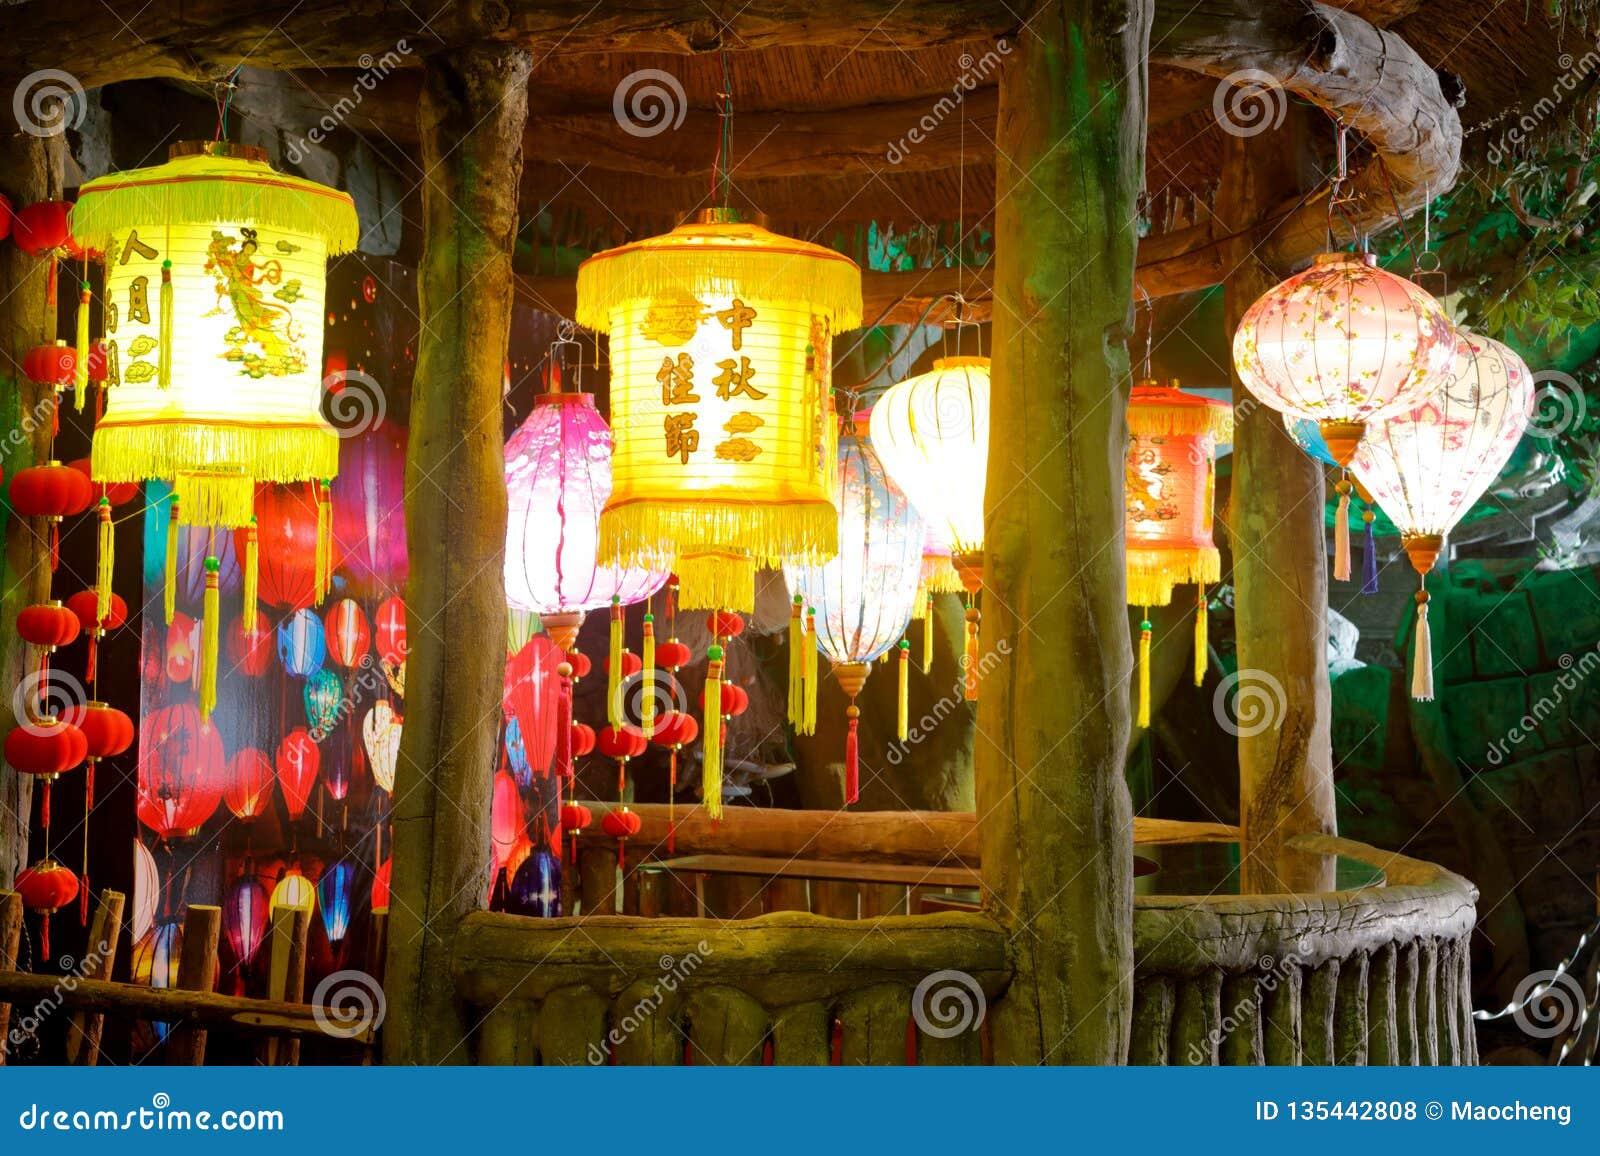 Beautiful lantern in laoyuanzi museum, srgb image